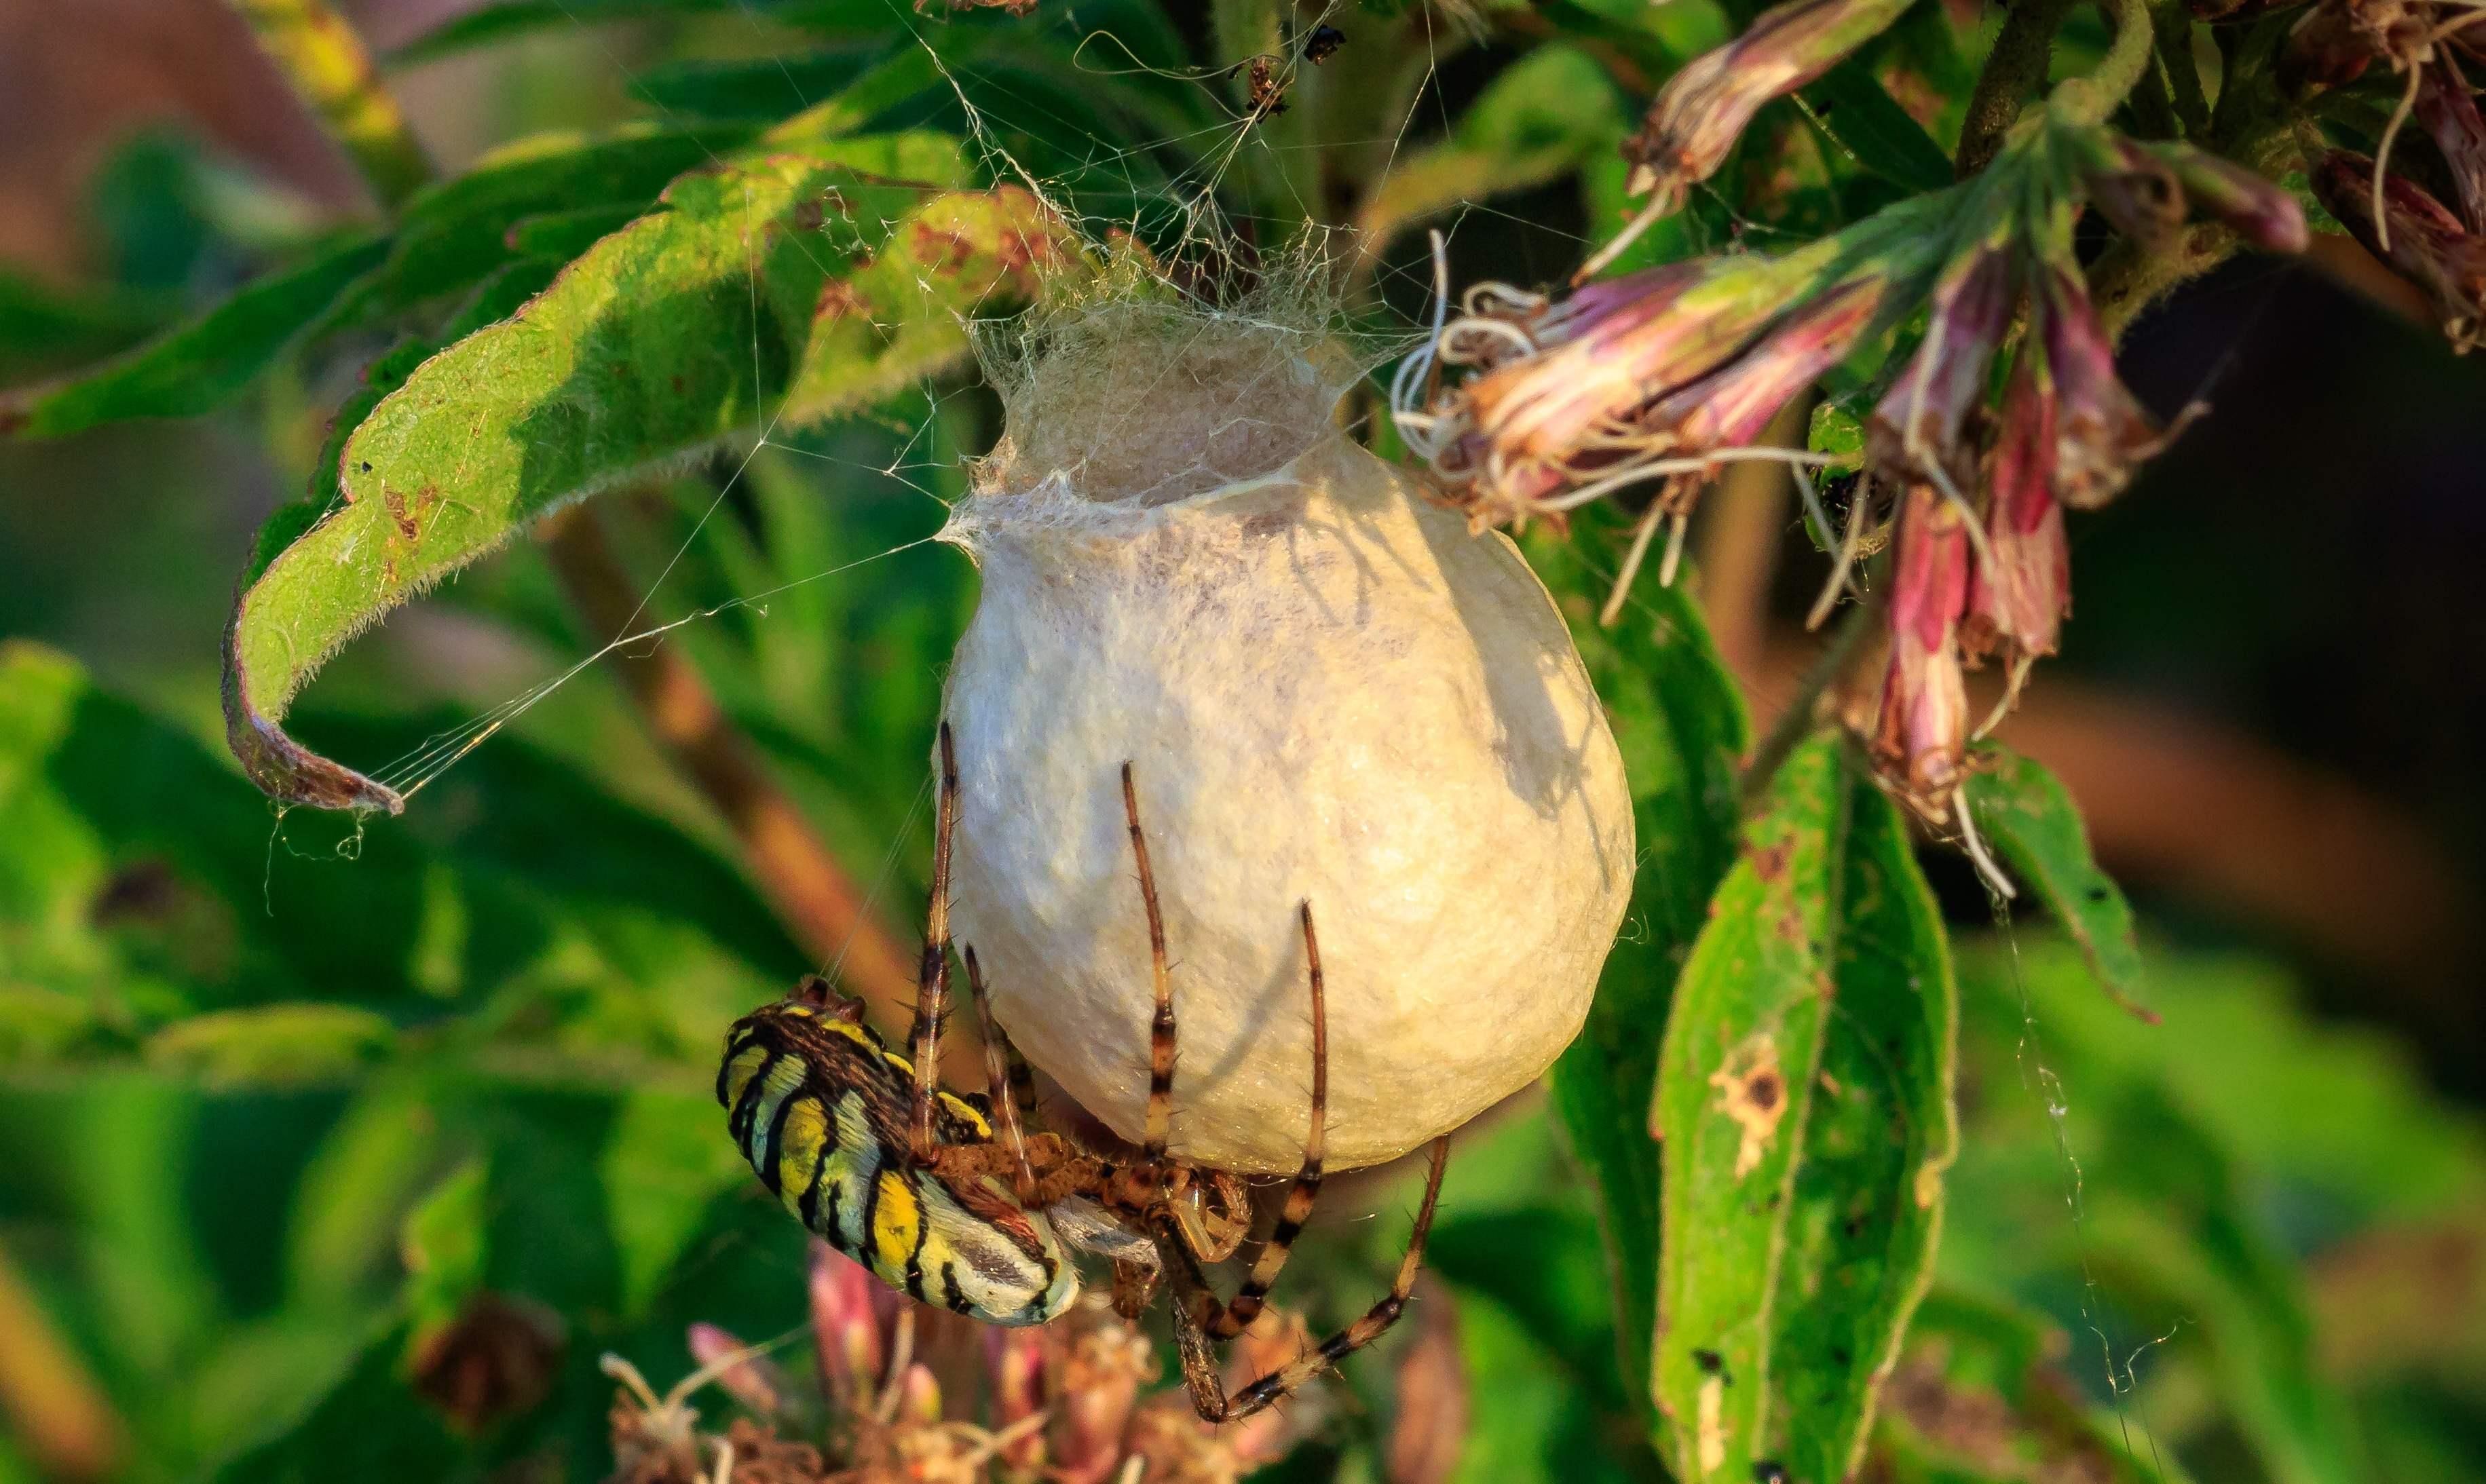 Une araignée et son cocon.